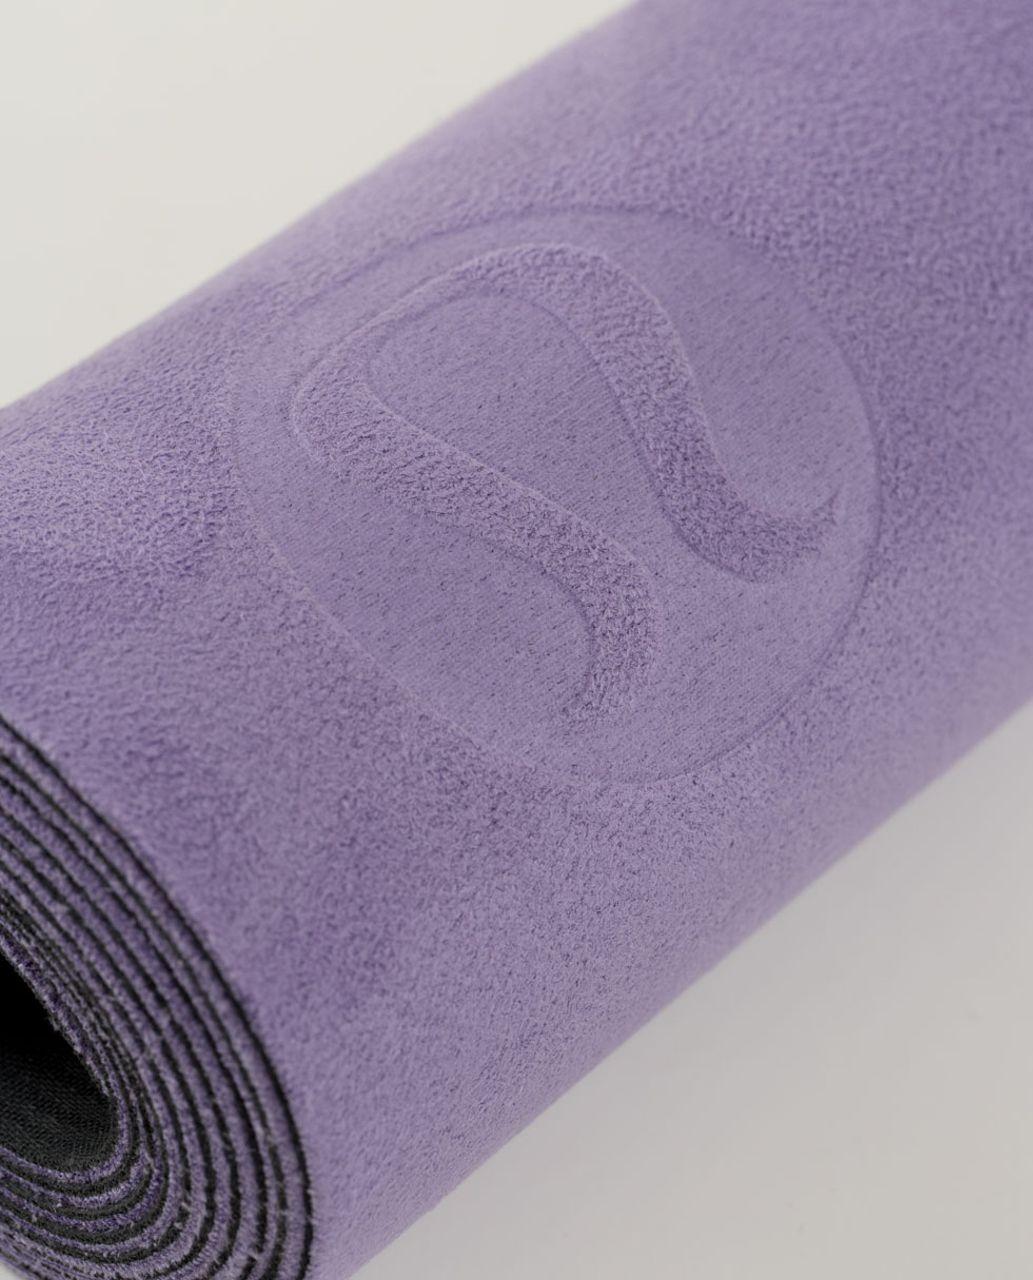 extra mat towel towels cm long en yoga equa extralong magic manduka